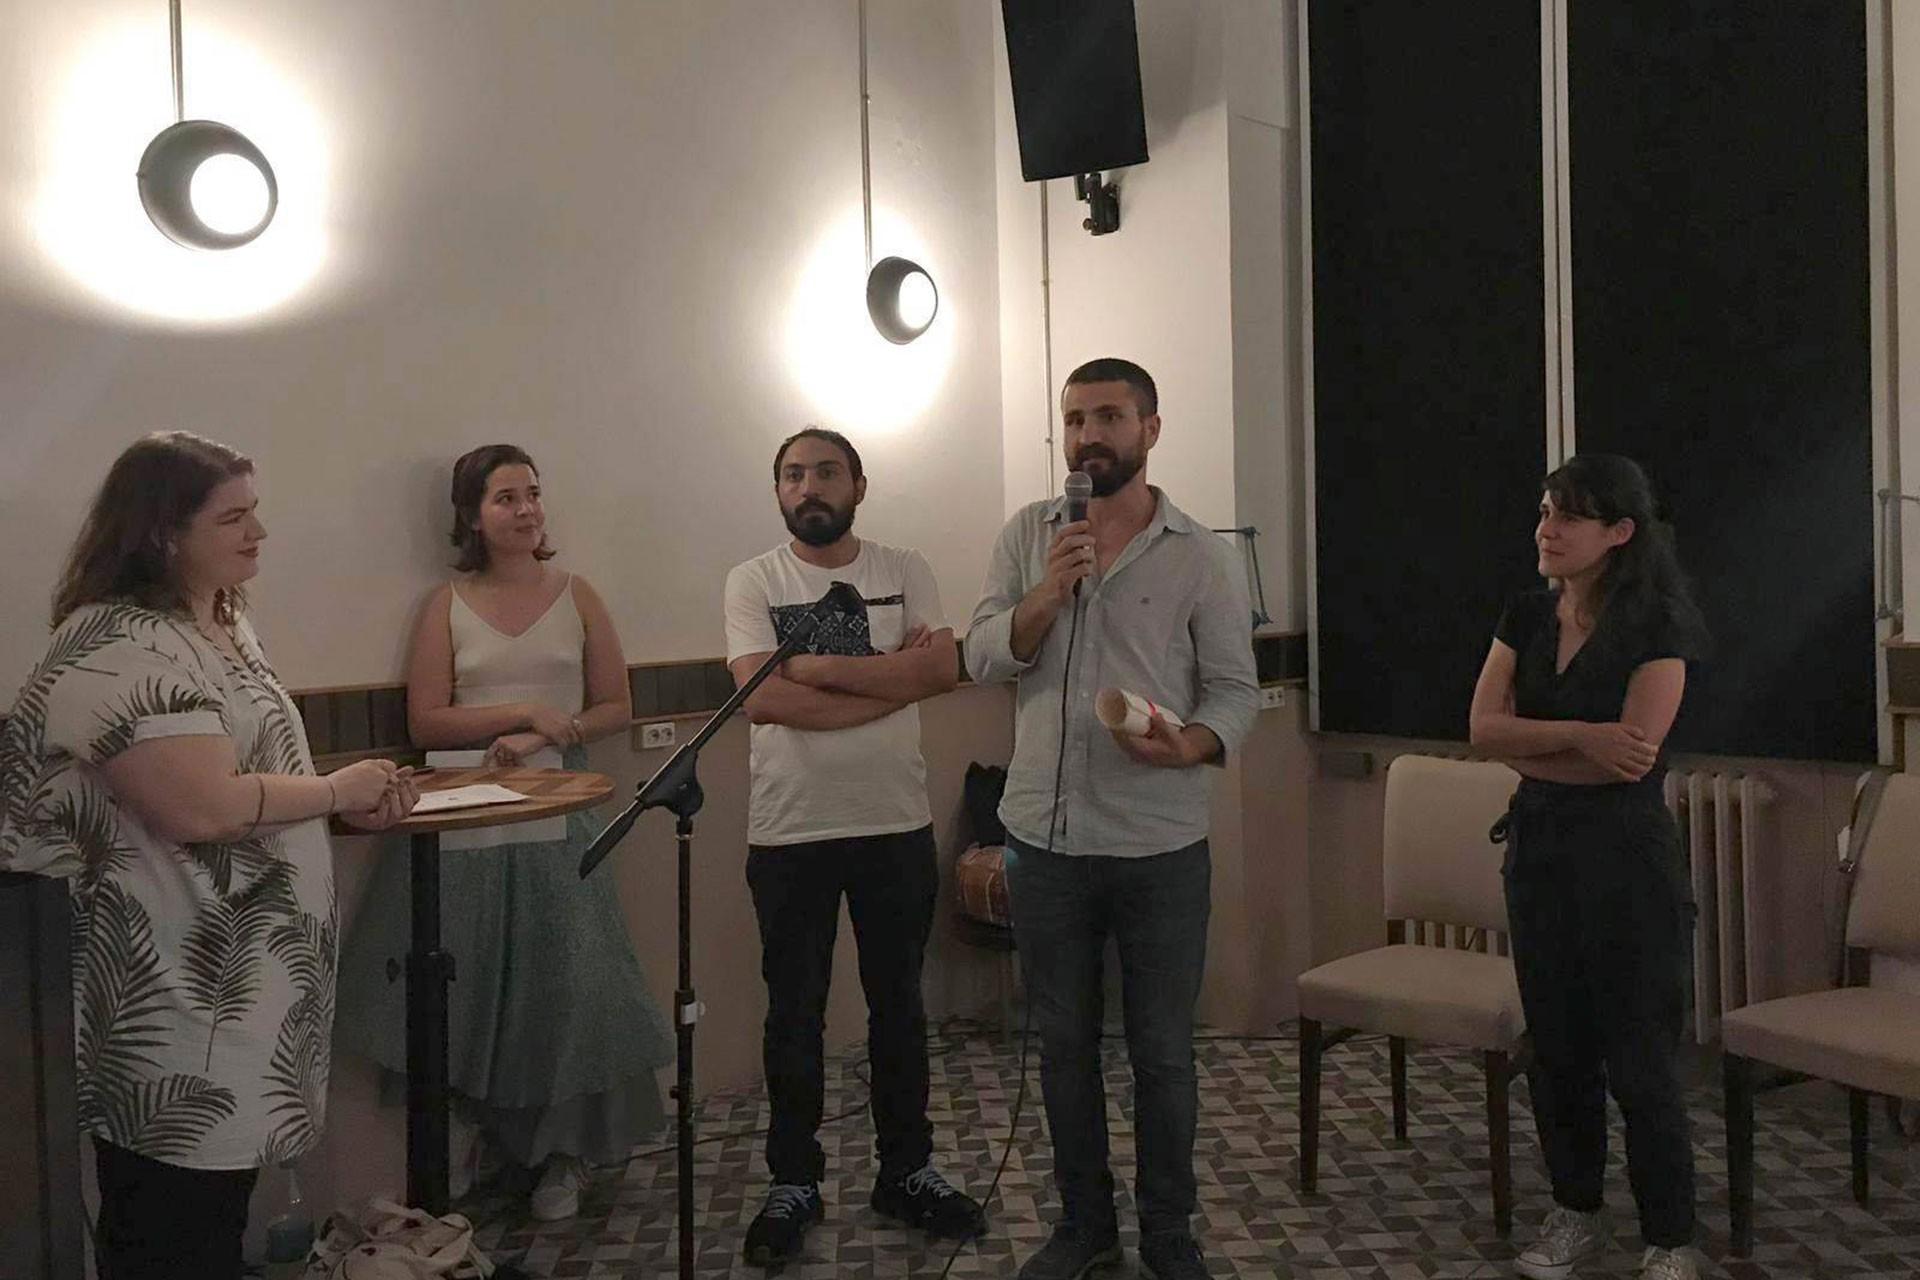 'Yeni Yetenek Ödülü' Yönetmen Ardin Diren'e verildi